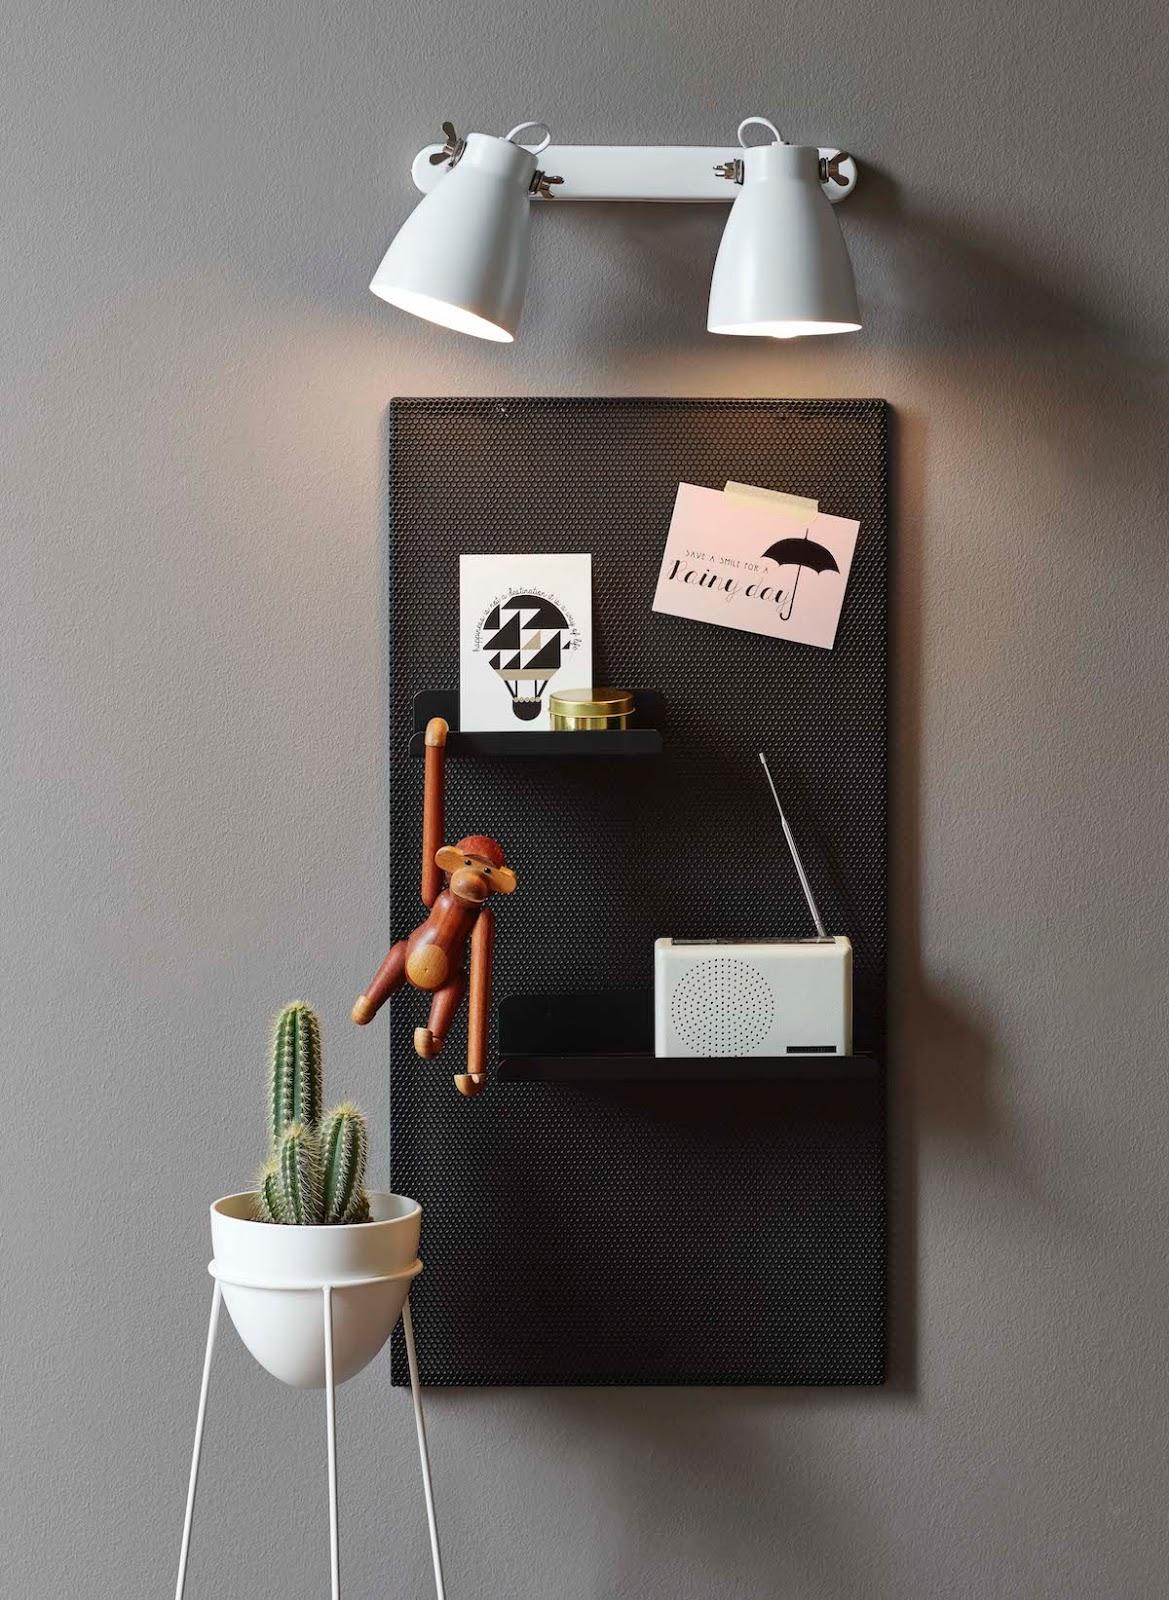 Focos de pared orientables sobre tablero de notas